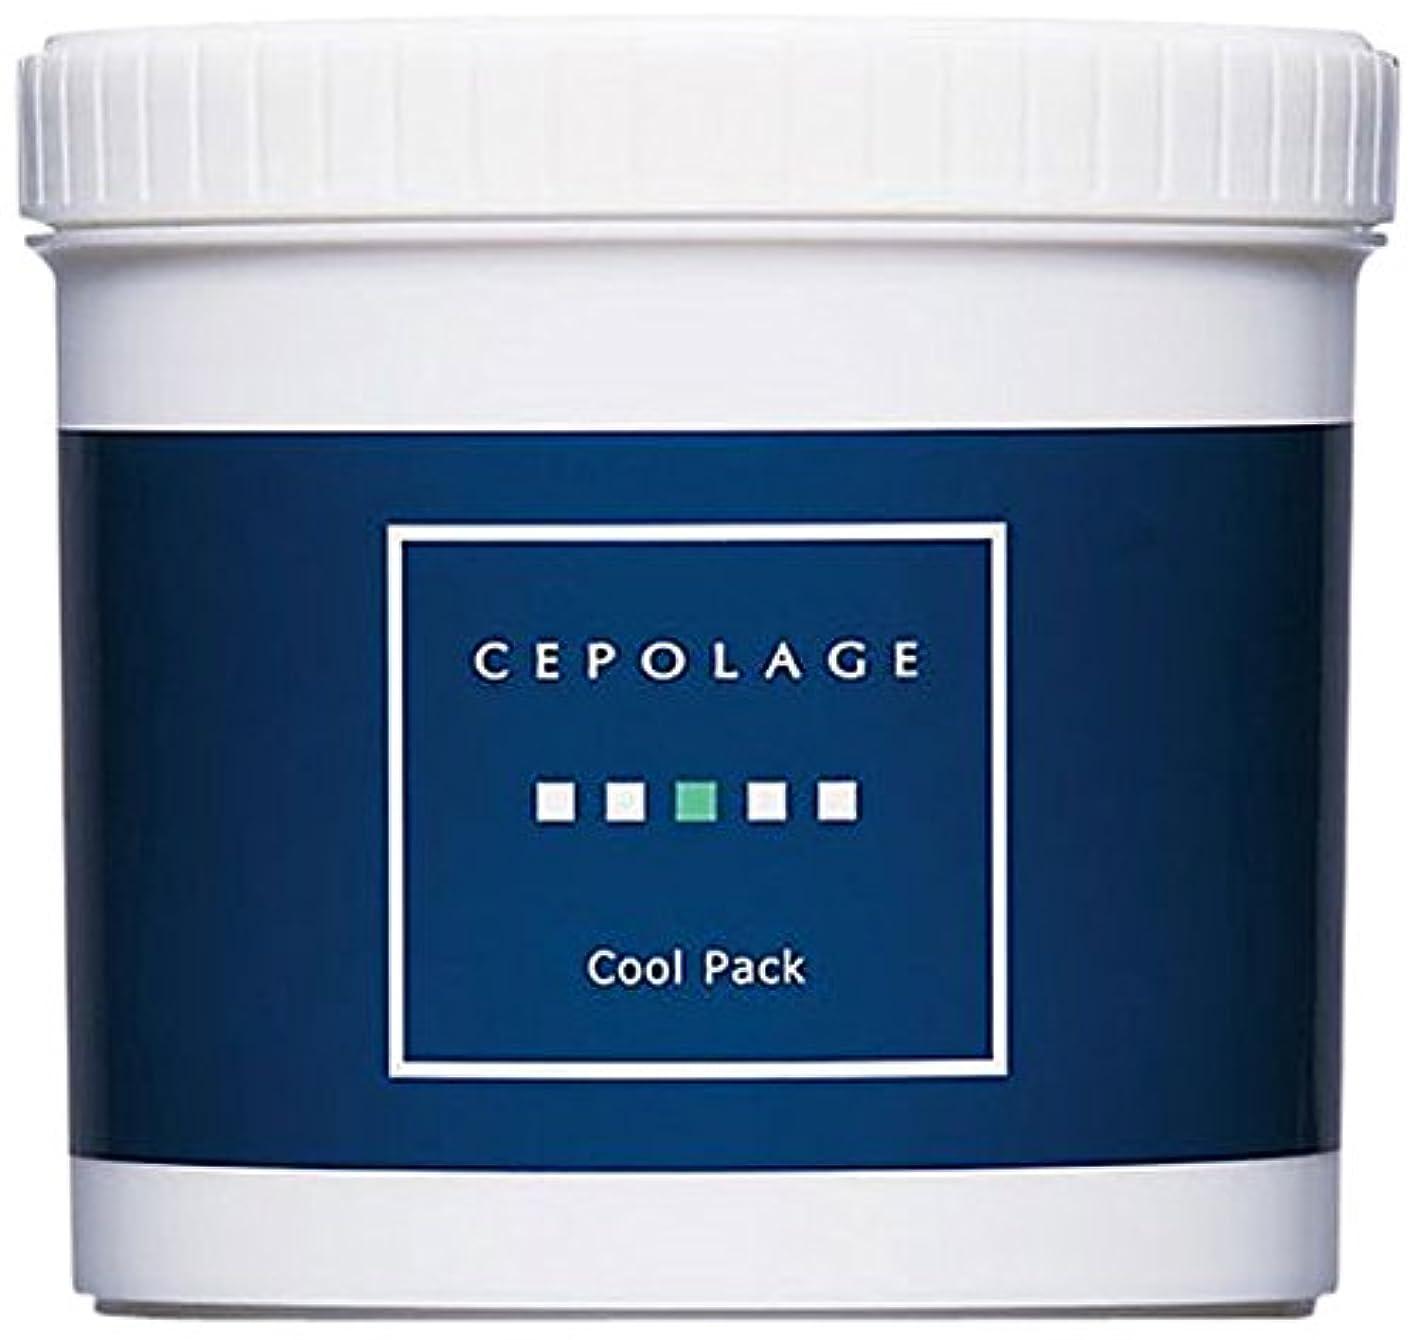 アロングラップ悪因子セポラージュ クールパック 500g